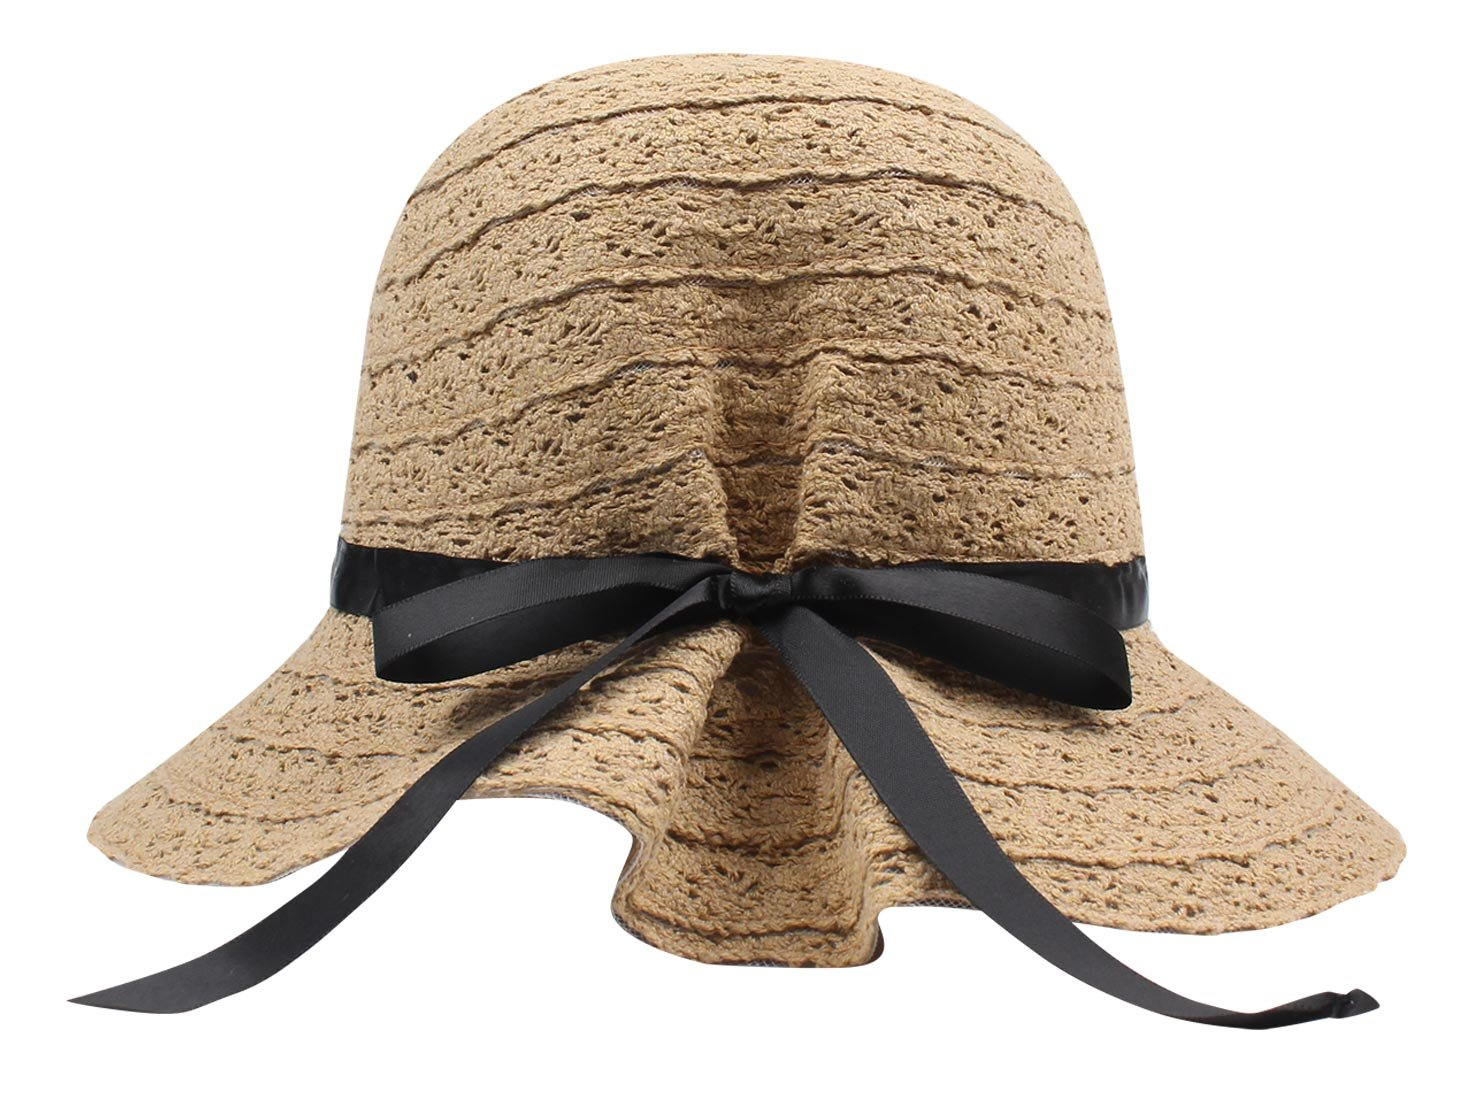 FEOYA Sombrero para Sol Mujeres Playa Gorro Visor con Lazo Visera Ancha  Hueco Plegable Protector Solar 773f9cba2d8